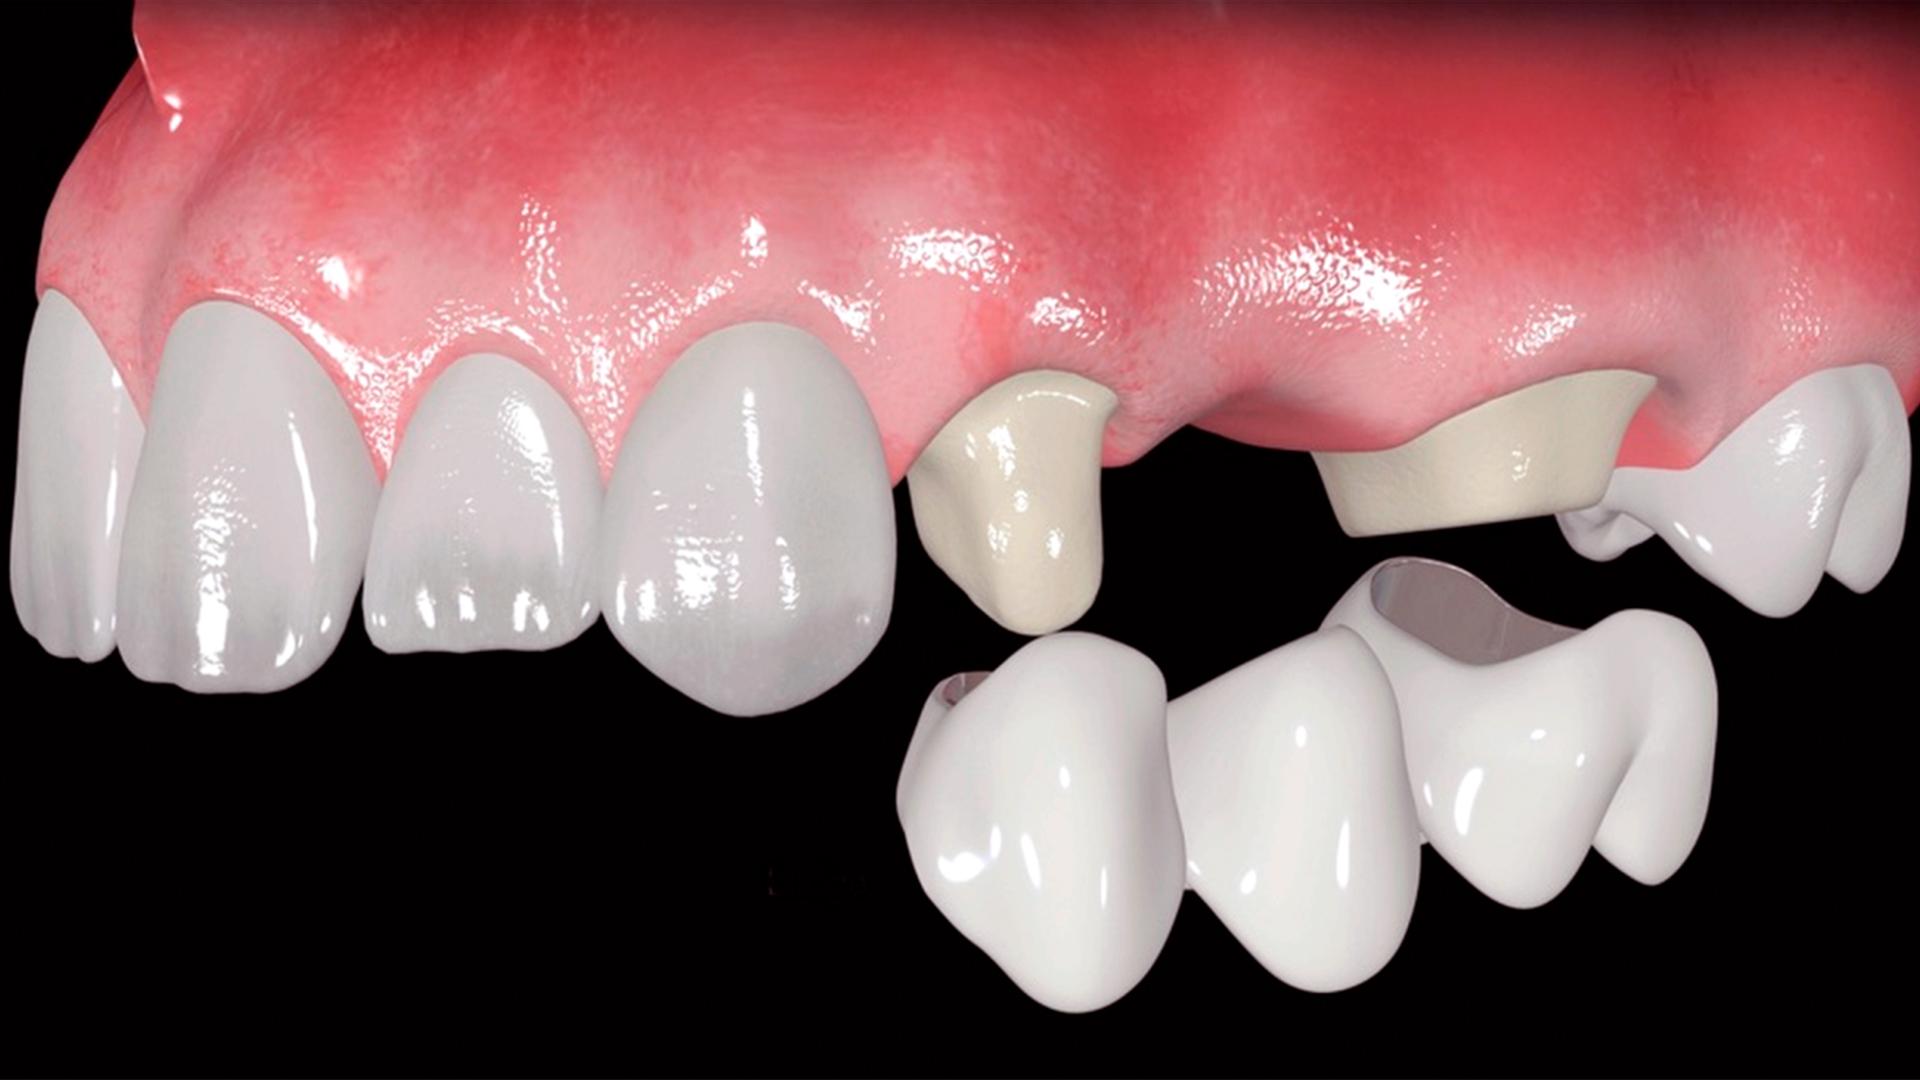 En esta Masterclass<b>Colocación de implantes con elevación de seno crestal (IV)</b>,impartida por el doctor Óscar Alonso, pondremos sobre la mesa un caso de fracaso de un antiguo puente dentosoportado en las piezas 25x27 y encontraremos la solución mediante la <b>elevación de seno crestal</b> y la colocación de dos implantes. <br /><br /> La <b>elevación del seno cestal</b> y la colocación de injertos óseos es un procedimiento que permite la colocación de implantes dentales en casos en los que la altura ósea del maxilar es insuficiente. Gracias a esta Masterclass <b>Colocación de implantes con elevación de seno crestal (IV)</b> podrás aprender a realizar una correcta <b>elevación del seno crestal</b> y así poder colocar conveniente el implante según las características particulares de cada paciente que acude a la clínica dental. En definitiva, saber llevar a cabo cada paso a seguir en la <b>elevación del seno crestal</b> en tratamientos implantológicos te facilitará tu trabajo como odontólogo obteniendo mejores resultados en la colocación de implantes dentales. <br /><br /> Todas nuestras Masterclass están impartidas por los mayores expertos en odontología. Gracias a nuestra Masterclass<b>Colocación de implantes con elevación de seno crestal(IV)</b>y otras como esta, que forman parte de la serie<b>Cirugía del seno maxilar y elevación de piso nasal</b> podrás desarrollar y actualizar tus conocimientos sobrelas técnicas quirúrgicas de <b>elevación sinusal</b>,alcanzando una formación avanzada y permitiéndote profundizar enlos aspectos a tener en cuenta en la <b>cirugía del seno maxilar</b> con criterios científicos y de excelencia, abordando las últimas tendencias y técnicas más actuales en el sector odontológico. <br /><br /> Desde Knotgroup Dental Institute te invitamos a que explores a través de nuestra web y encuentres otras masterclass como <b>Colocación de implantes con elevación de seno crestal (IV)</b> para actualizar tus conocimientos y aplicarlos a tu clíni